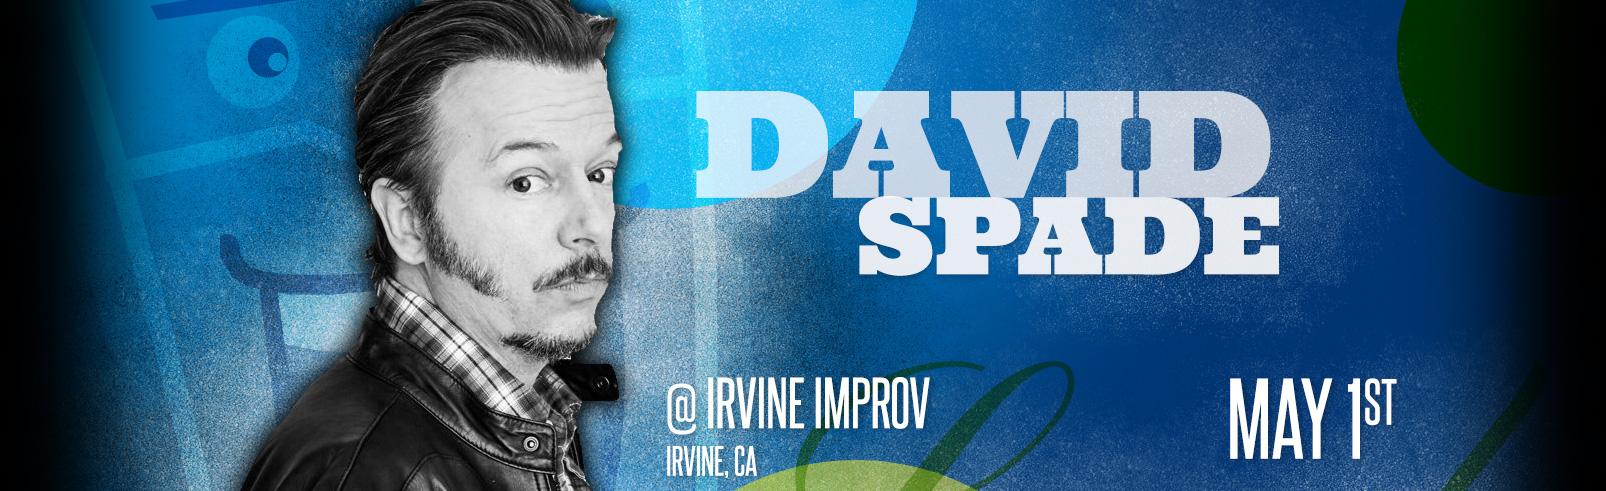 David Spade @ Irvine Improv